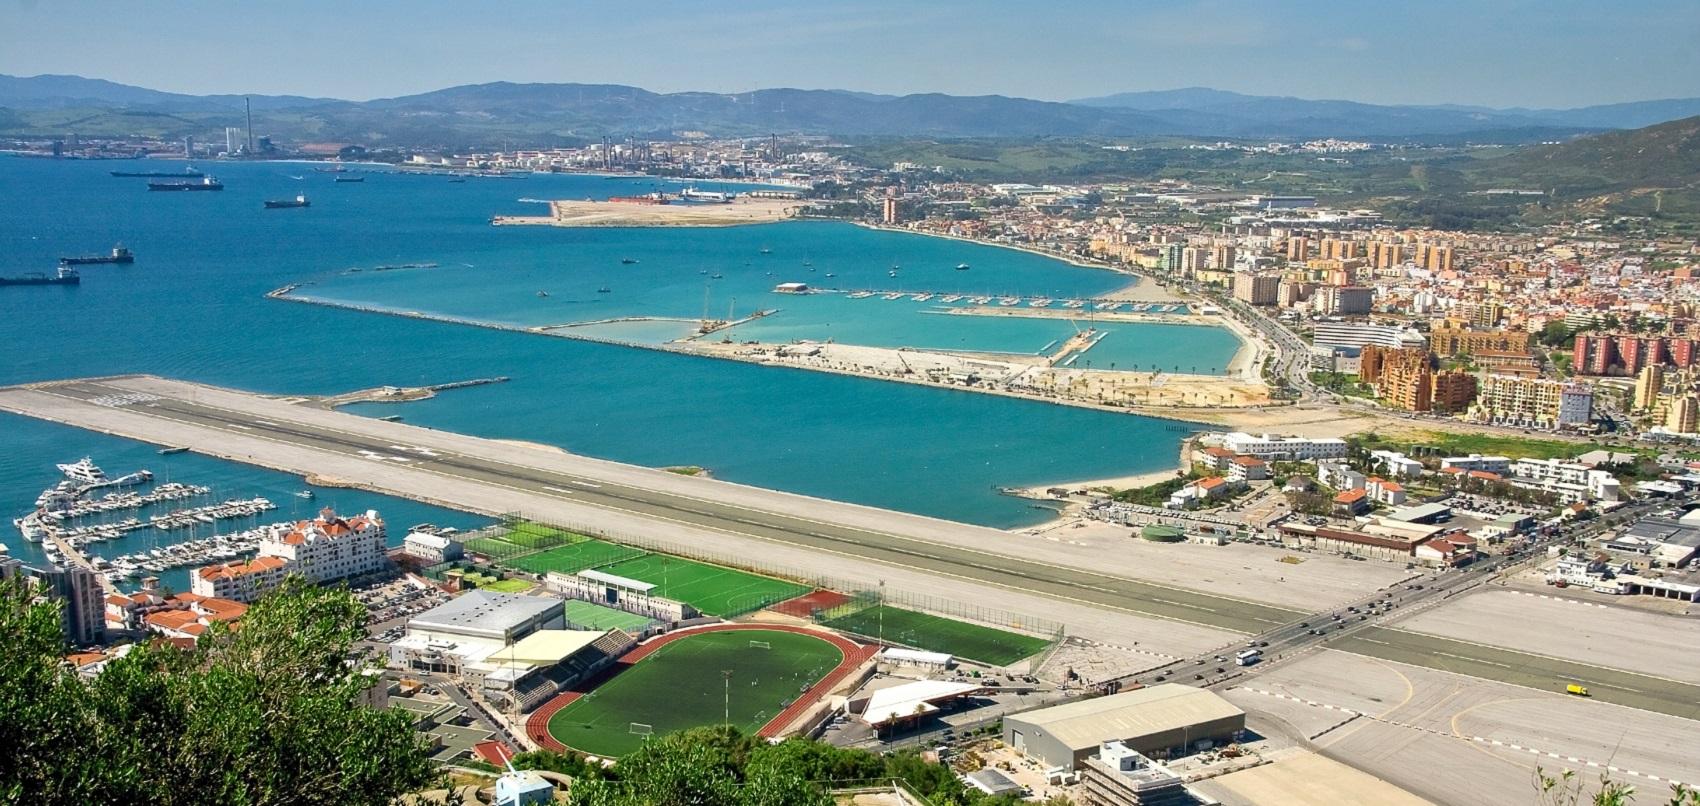 Gli aeroporti più pazzi del mondo: Gibilterra e gli aerei che percorrono strade cittadine